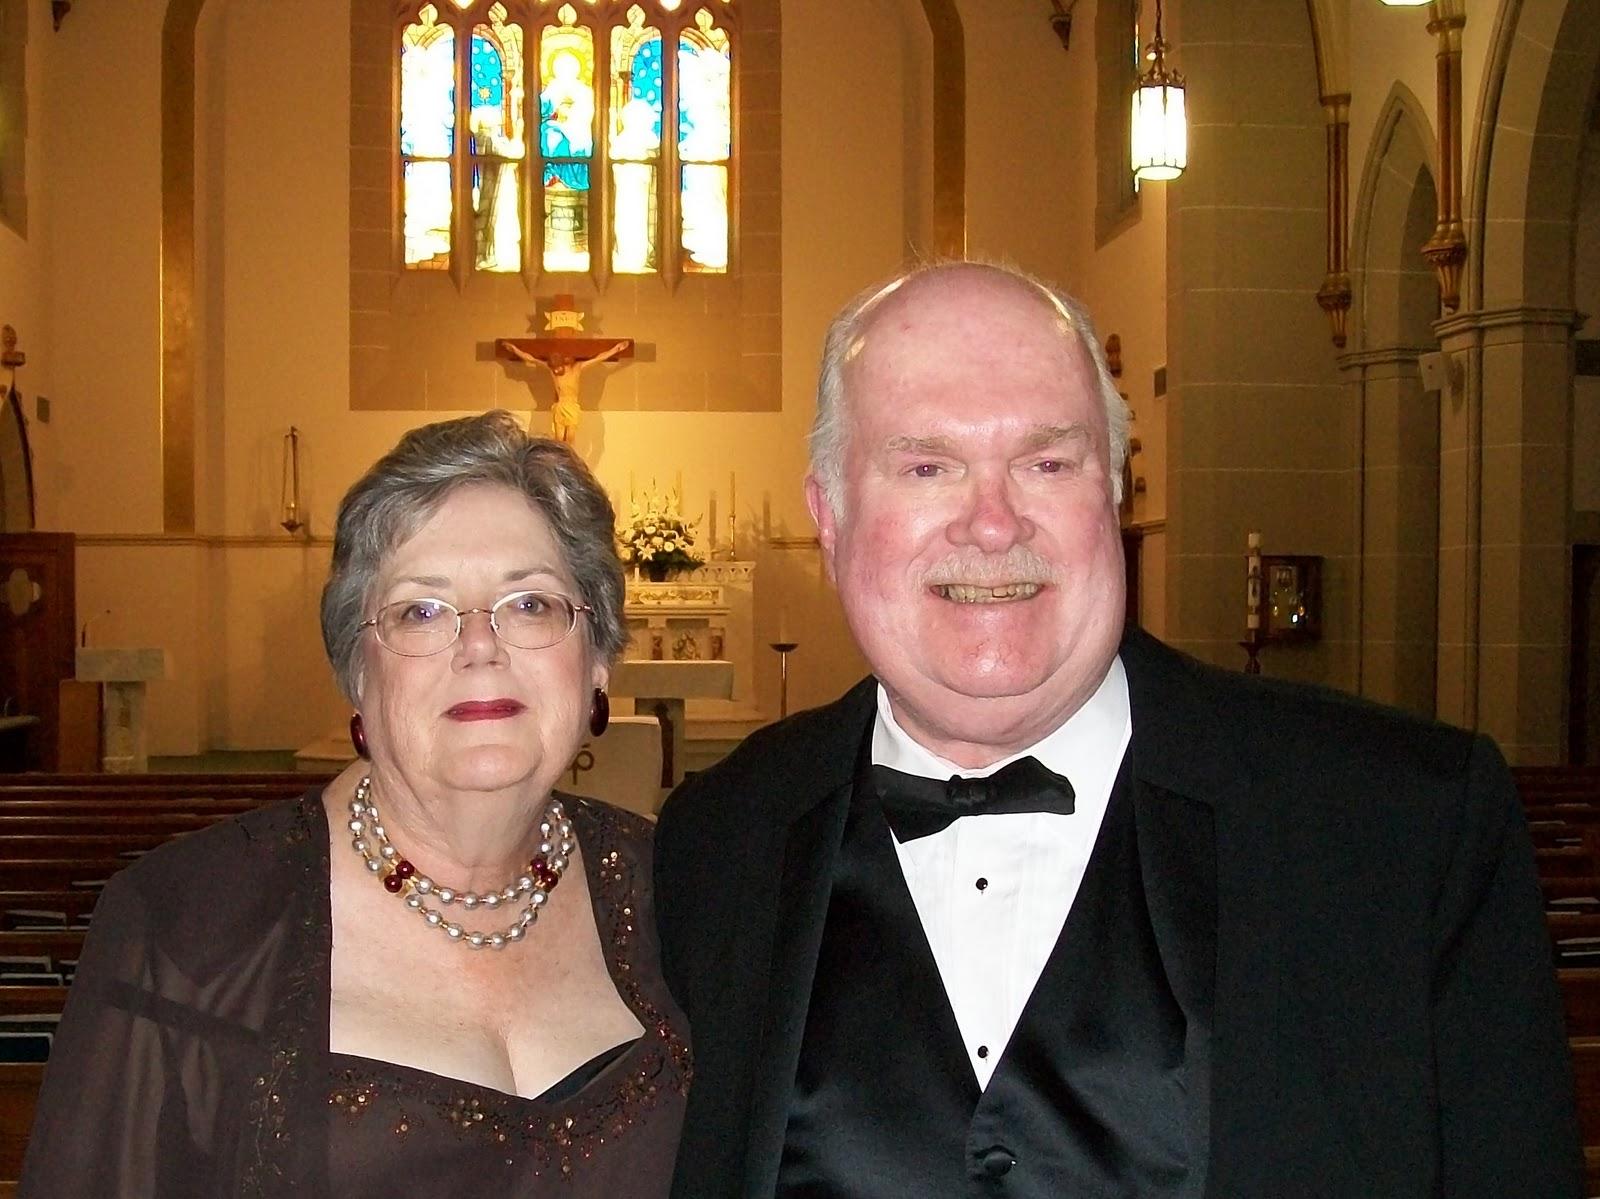 Our Wedding, photos by Joan Moeller - 100_0334.JPG